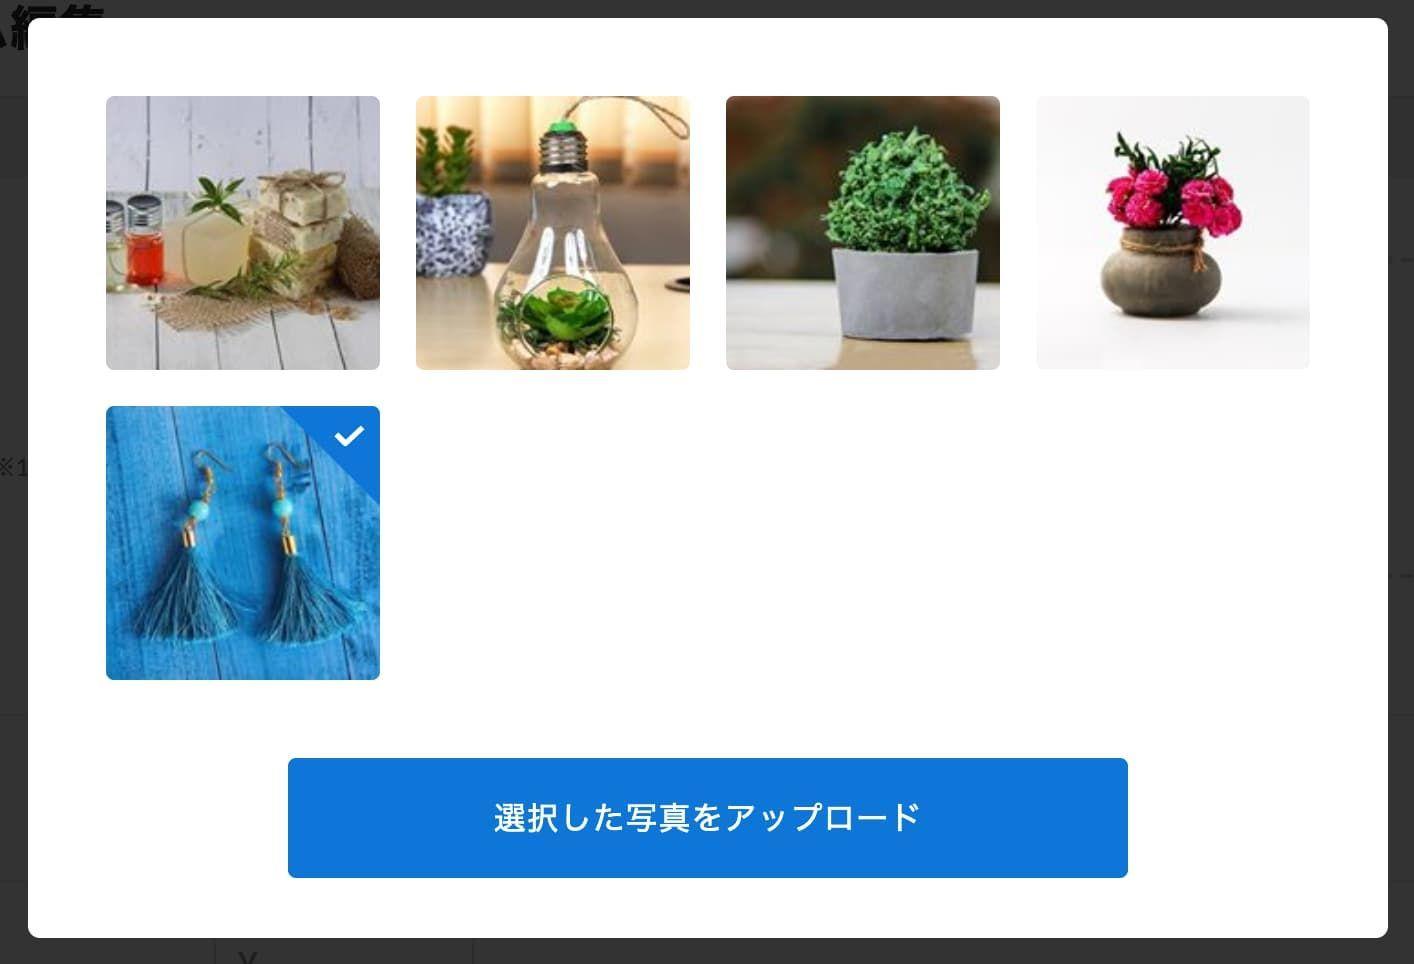 f:id:storesblog:20191204104556j:plain